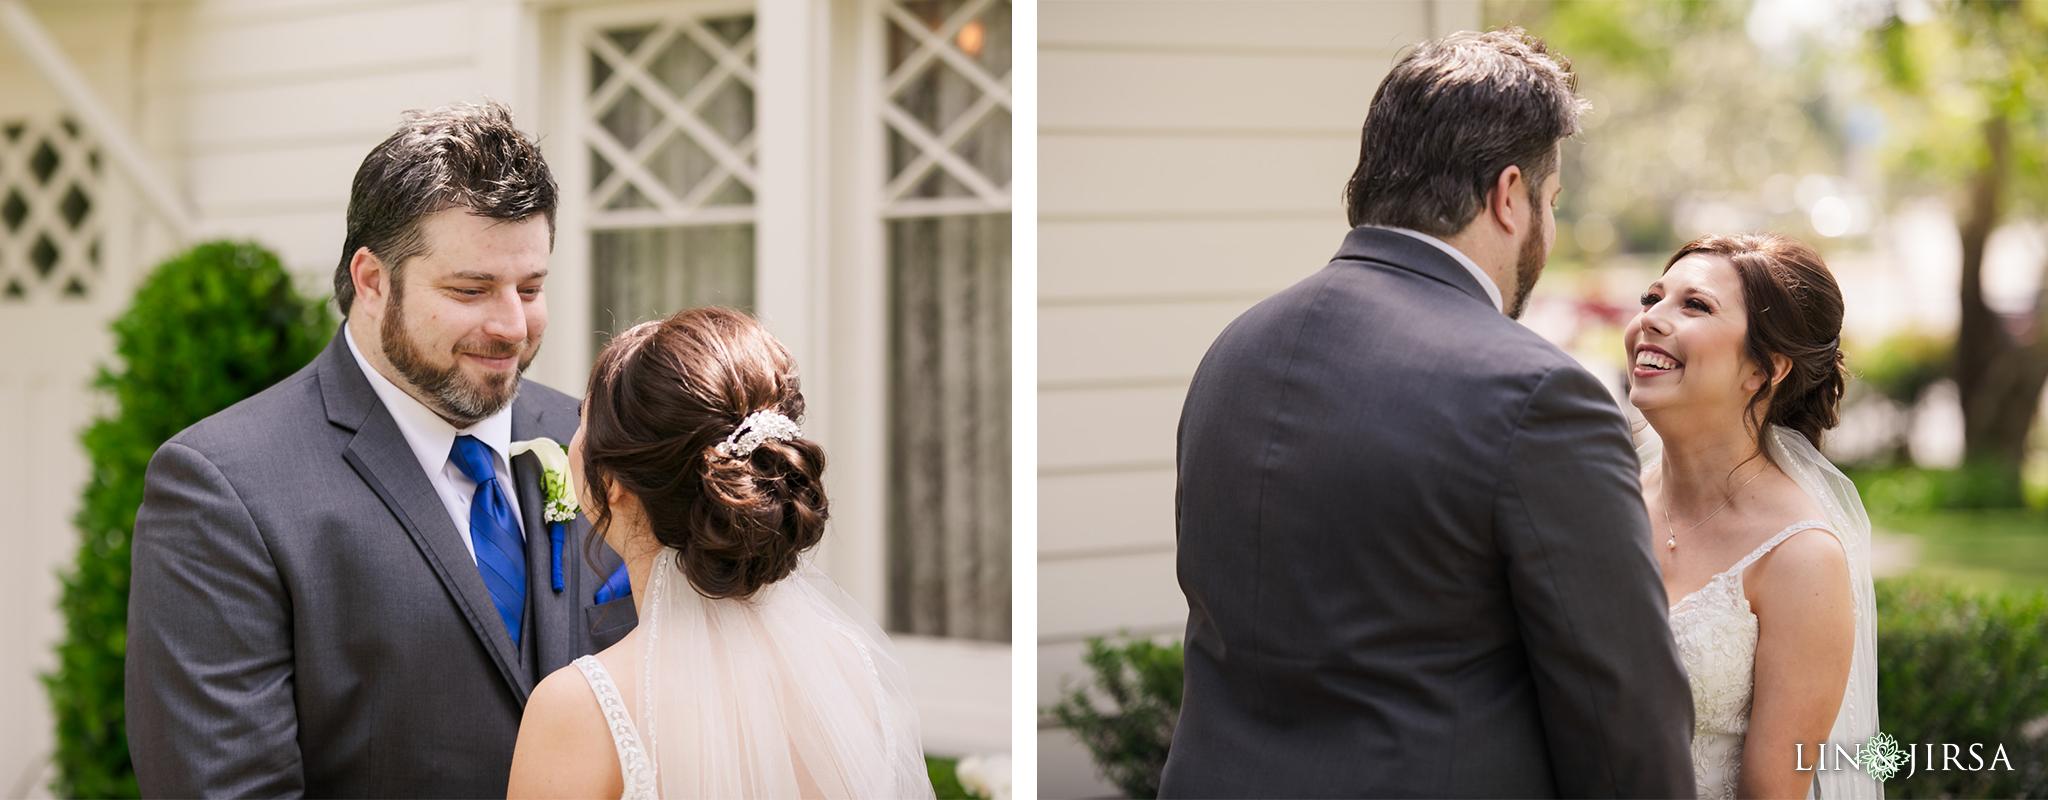 11 Richard Nixon Library Wedding Photographer